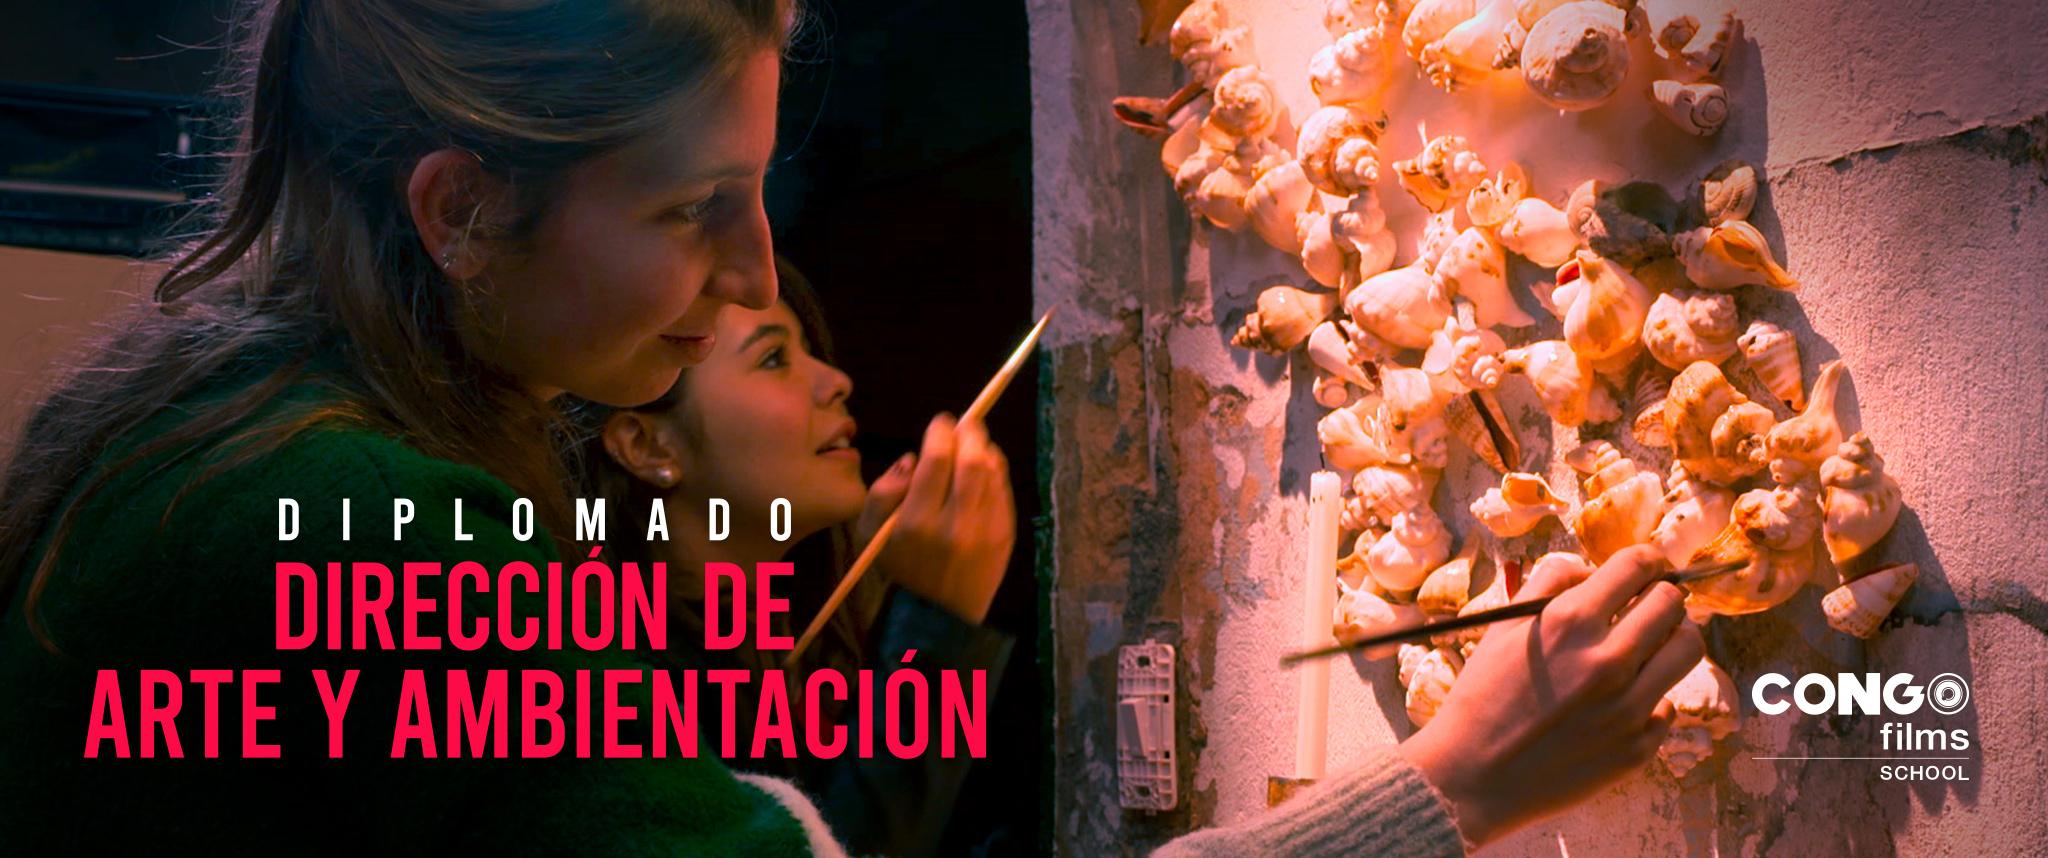 FOTOS-INTERNAS-WEB---DIPLOMADOS-NOCTURNOS-2020---DIRECCION-DE-ARTE.jpg